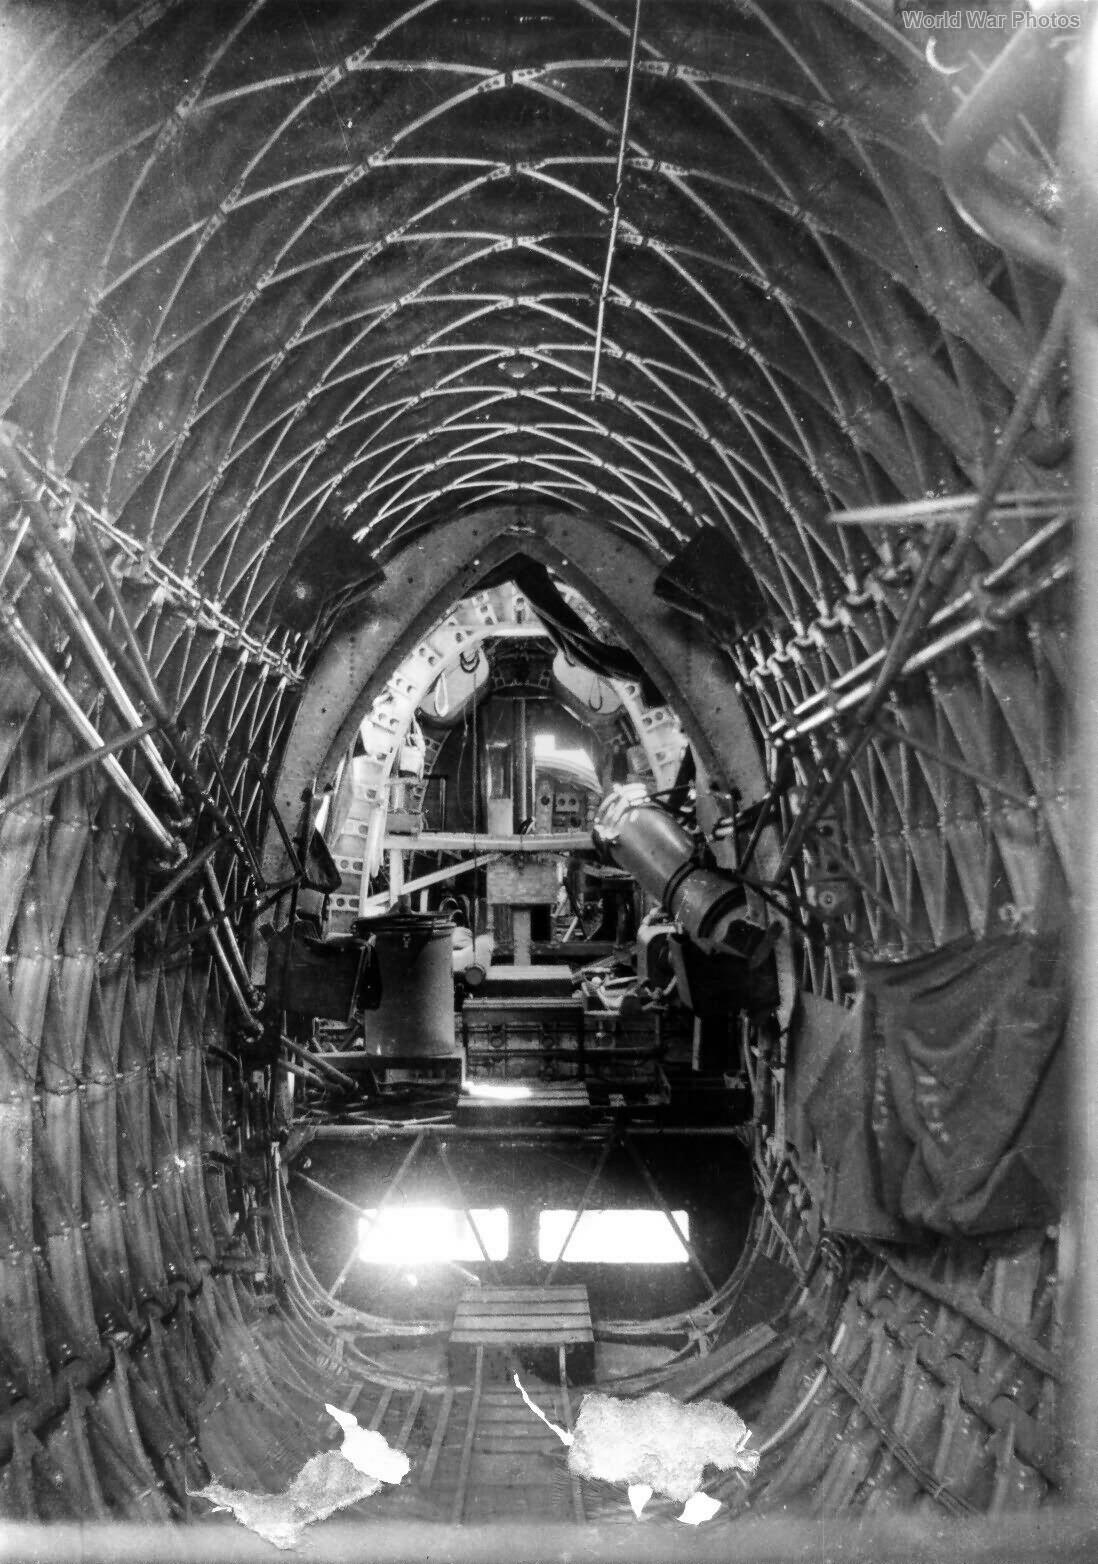 Wellington bomber interior